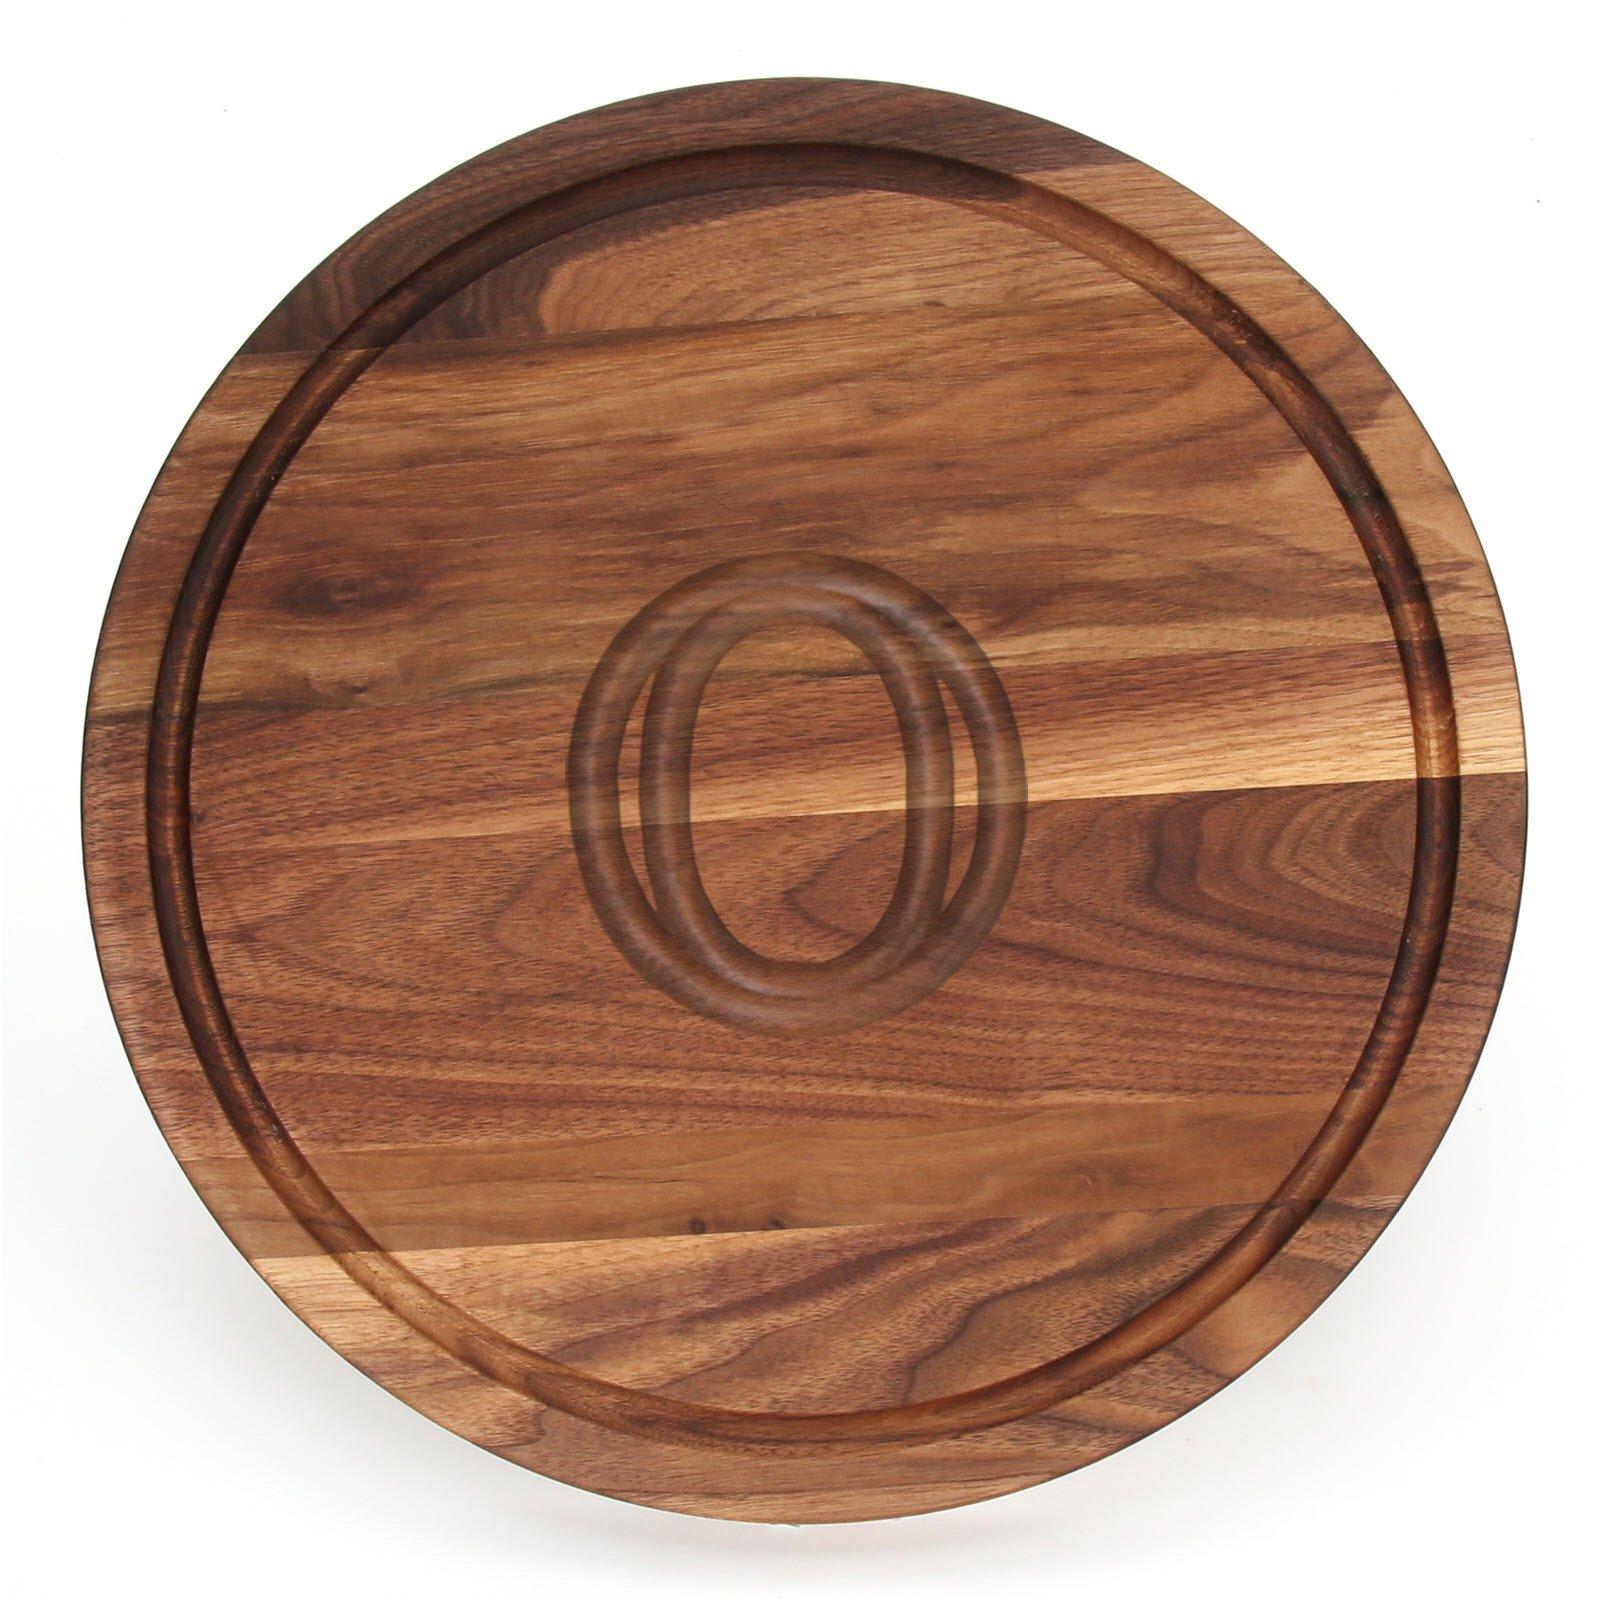 BigWood Boards W110-O Cutting Board, Monogrammed Cutting Board, Medium Round Cheese Board, Thick Walnut Wood Serving Tray, ''O''